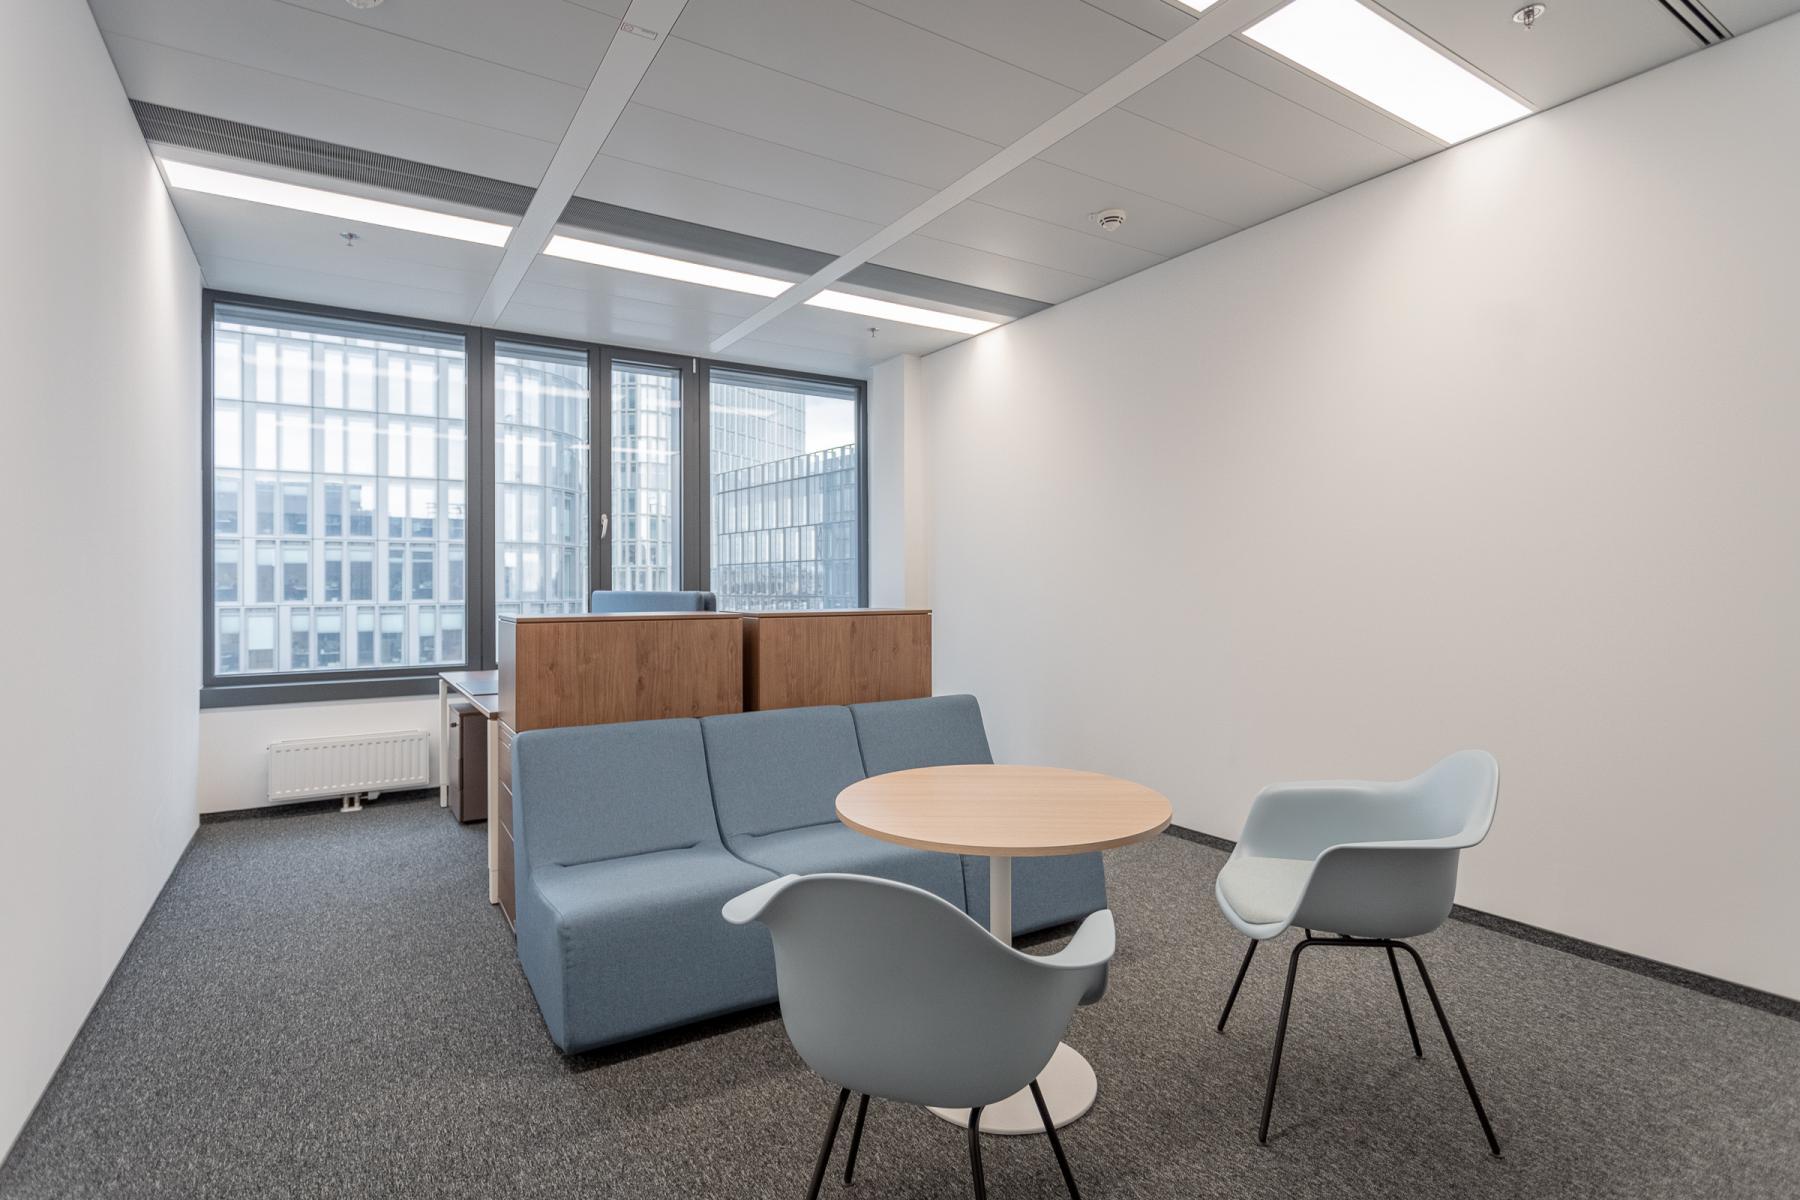 Voll möblierte Büros zur Miete im Business Center Wien Wieden